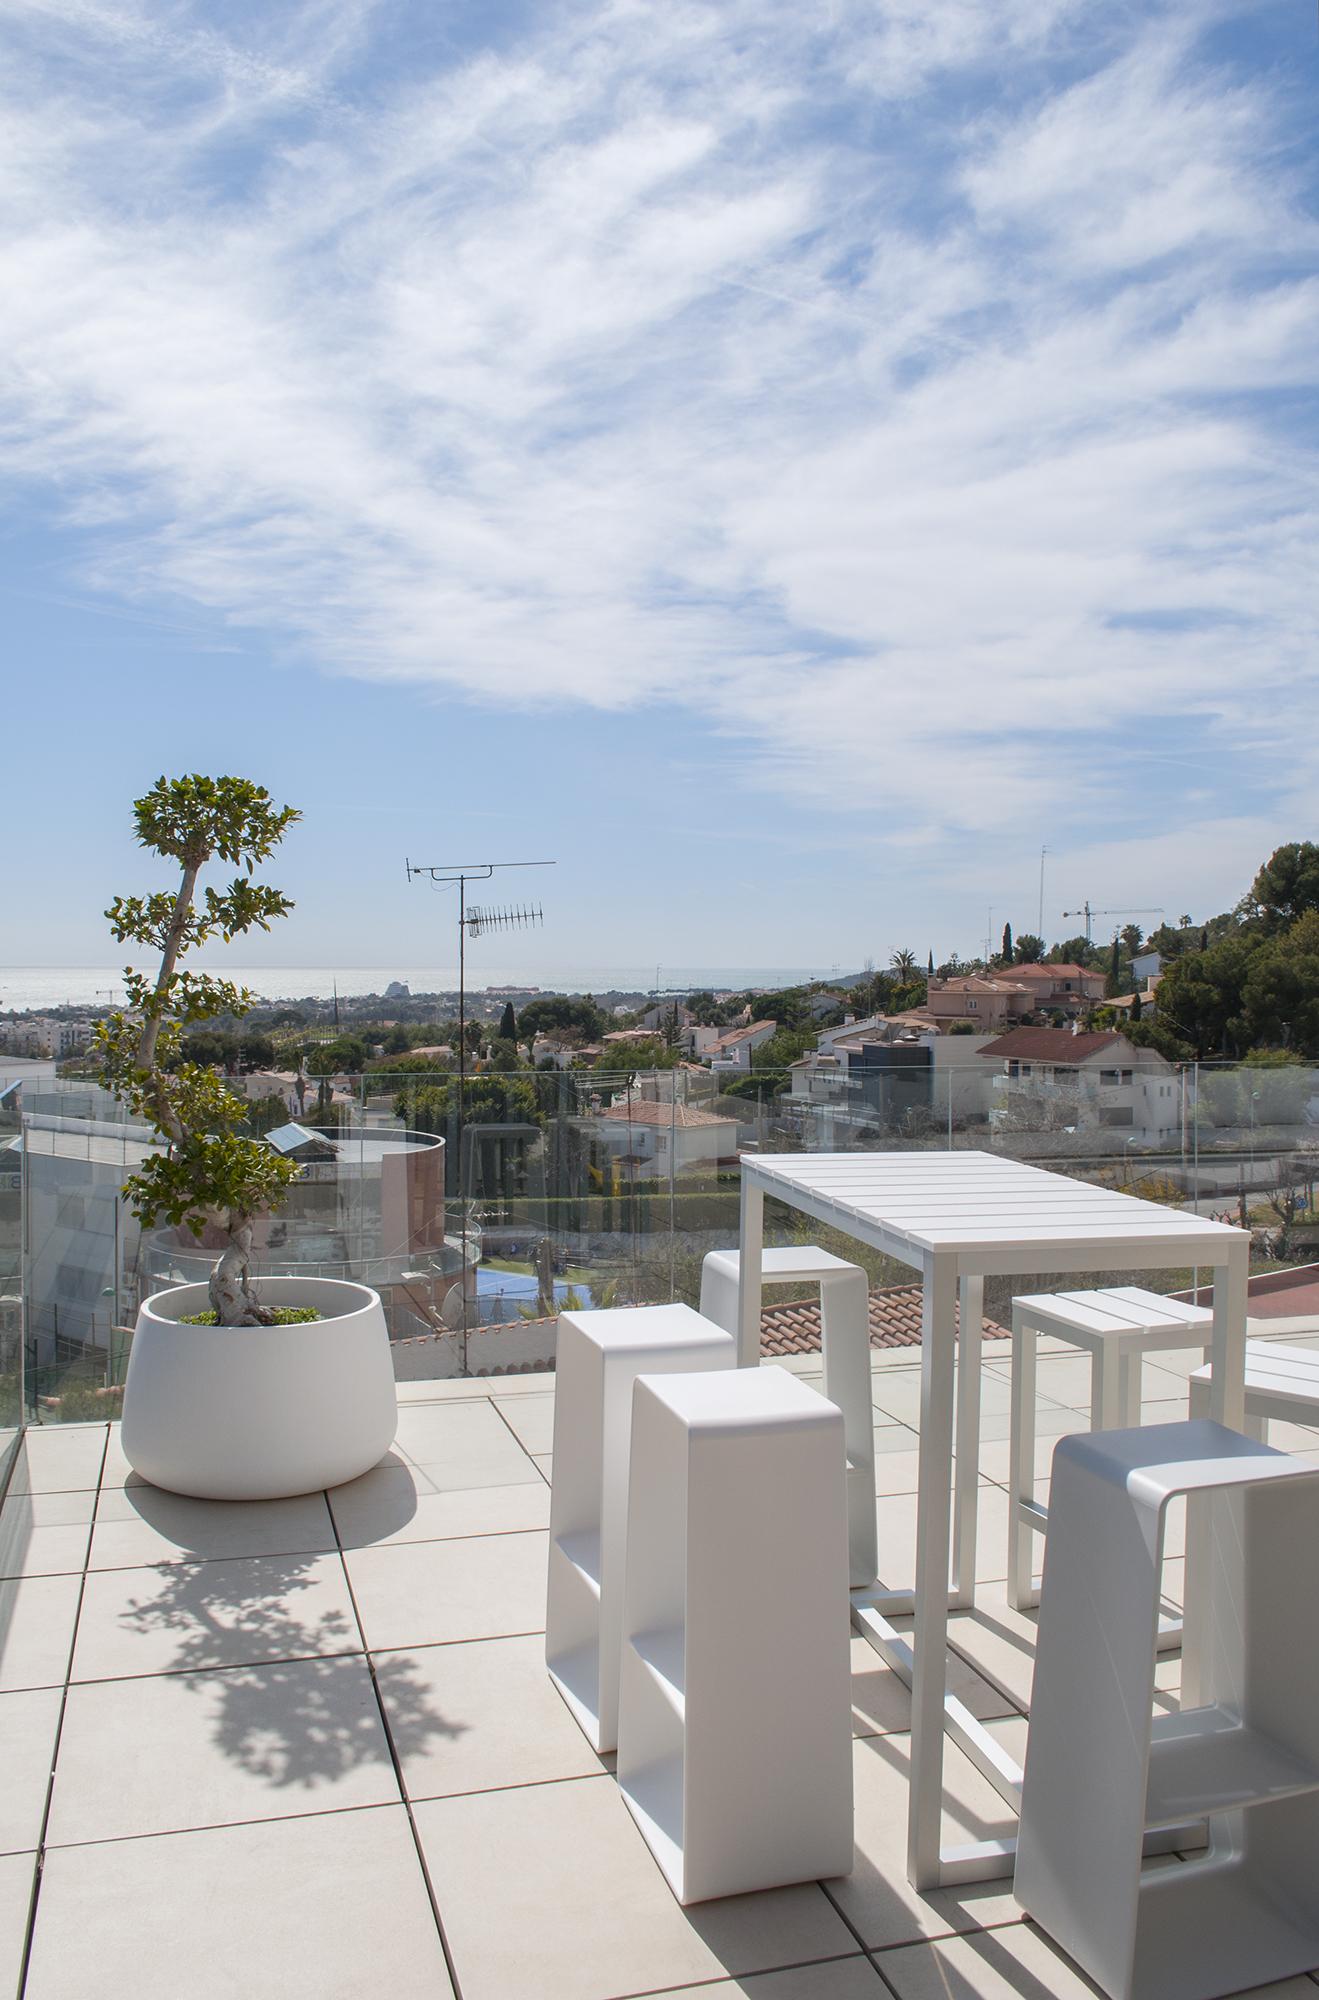 12-a-rardo-architects-casas-en-sitges-vista-al-mar-terraza